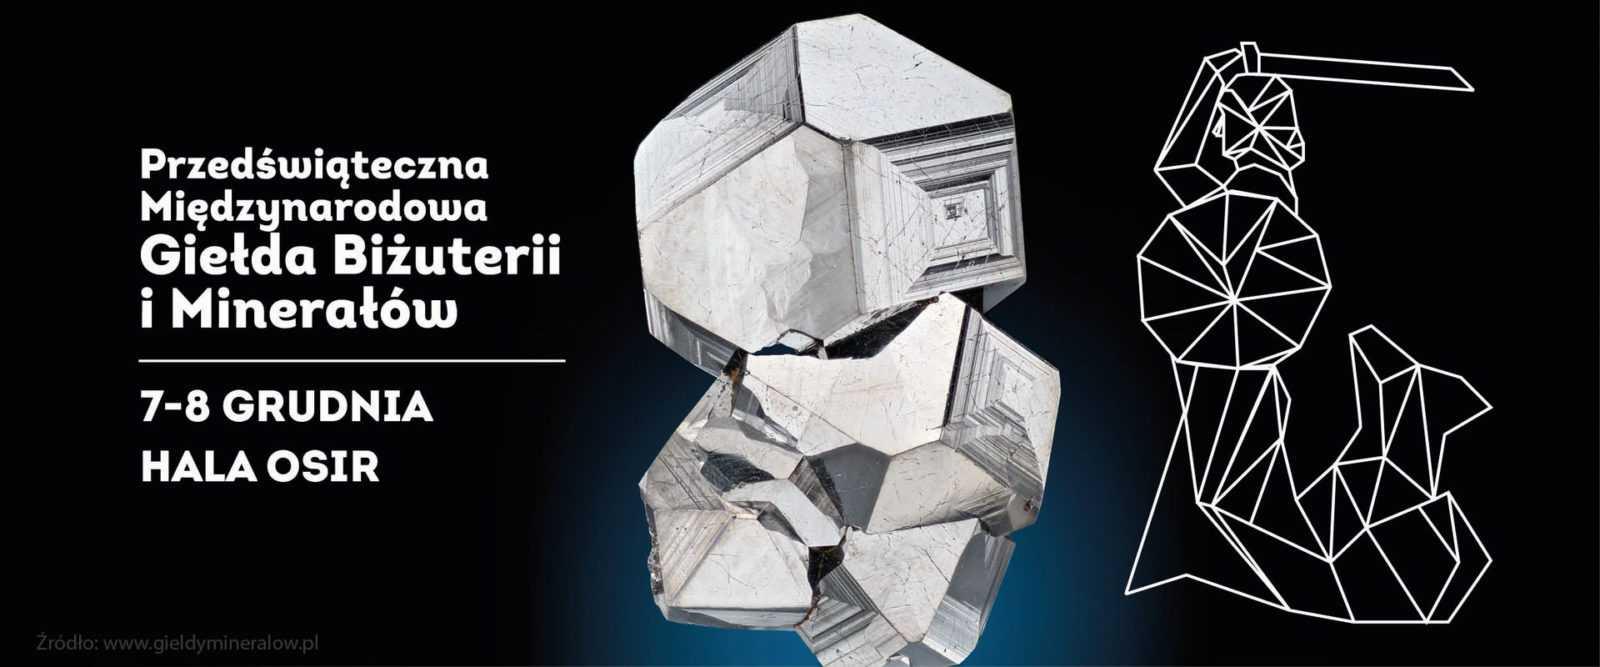 Międzynarodowa Giełda Minerałów iBiżuterii wWarszawie